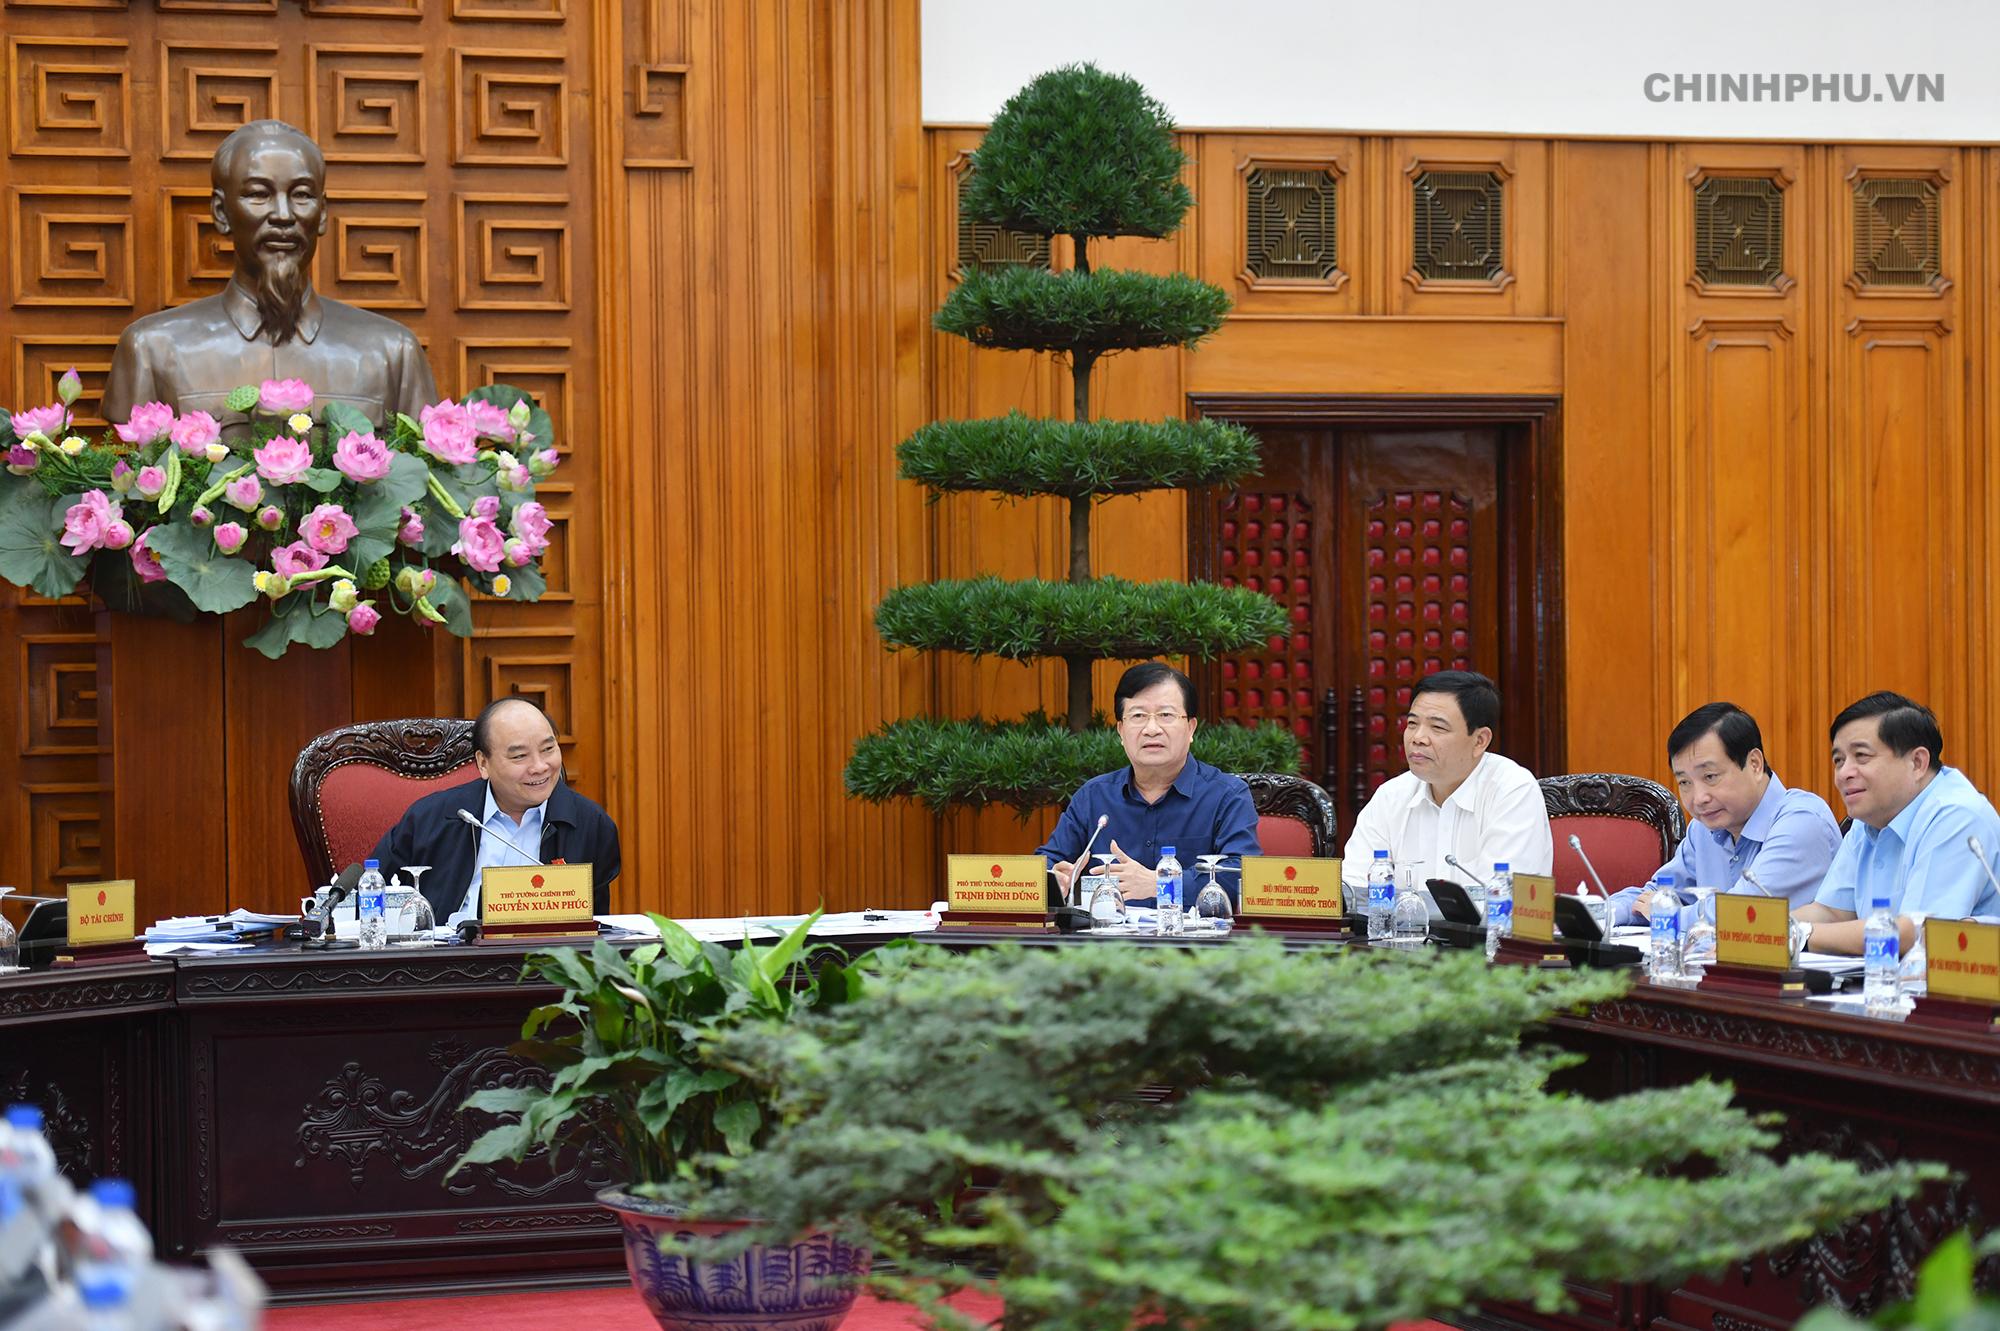 Phó Thủ tướng Trịnh Đình Dũng phát biểu tại cuộc họp. - Ảnh: VGP/Quang Hiếu